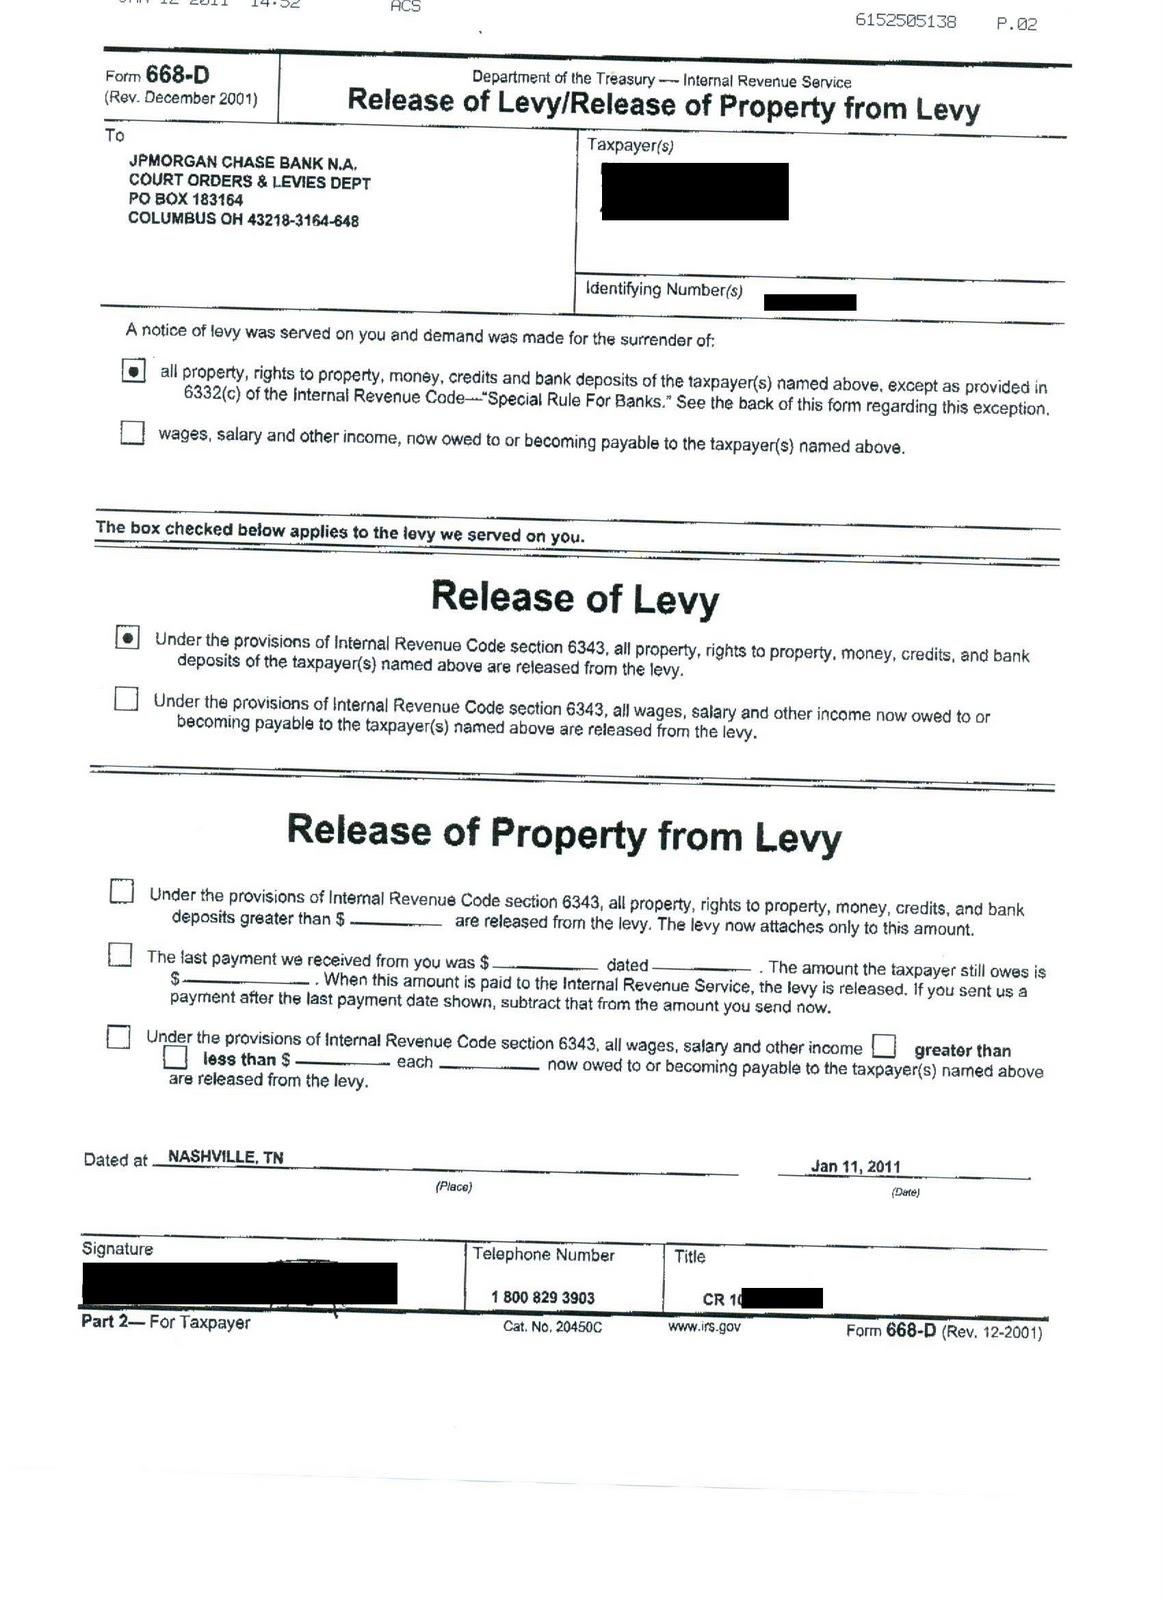 Levy-Release-Rian-W.jpg